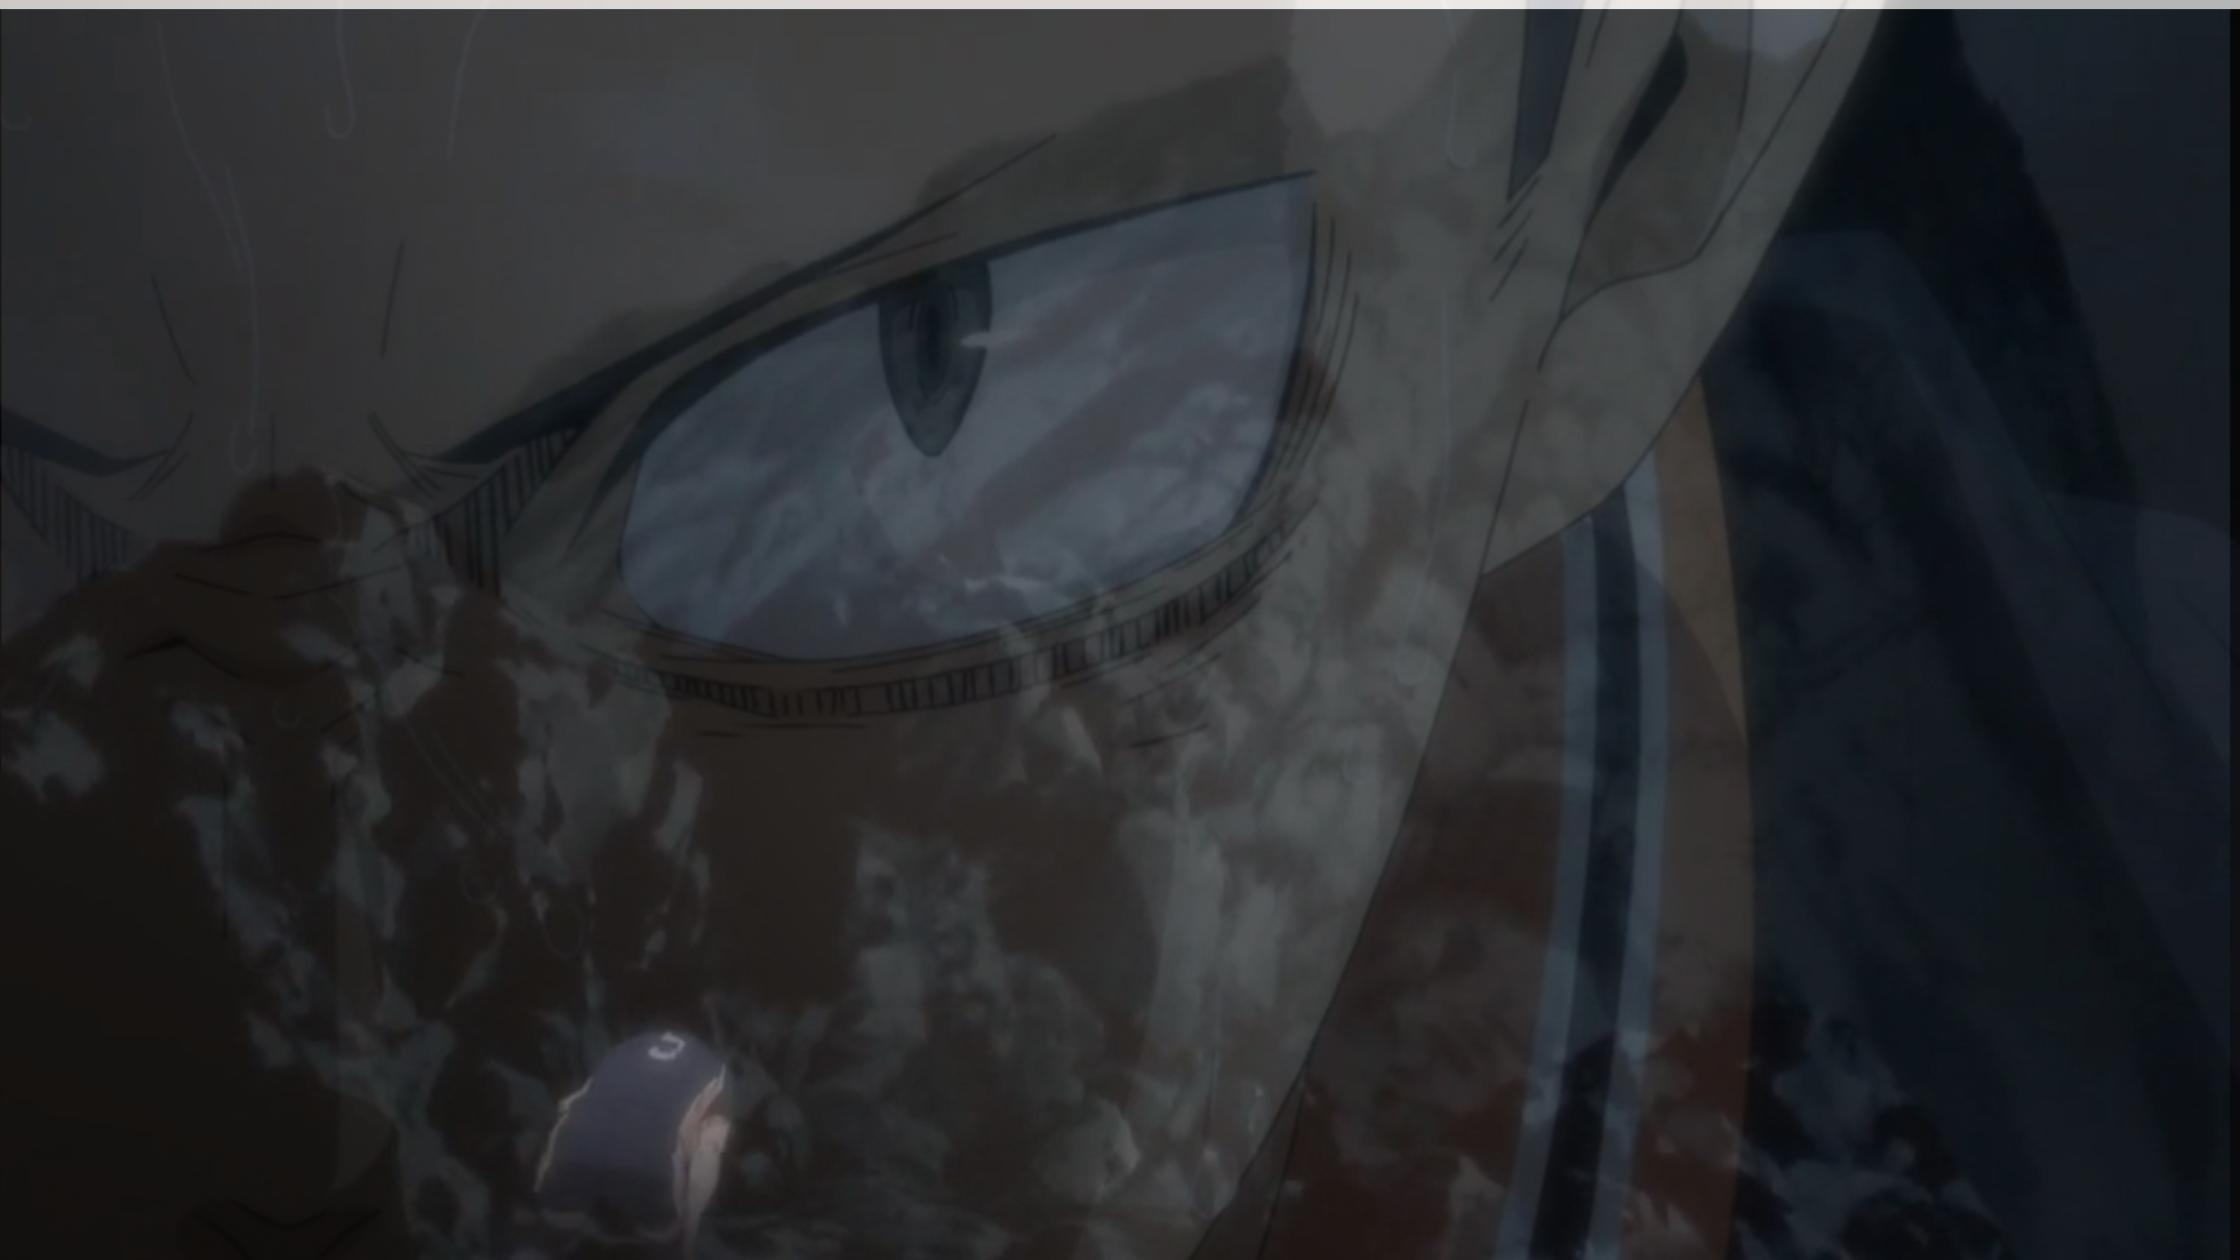 Cena da animação Haikyuu!! Personagem Tanaka agachado e de frente a uma montanha. Em sobreposição aparece os olhos determinados dele encarando a câmera.